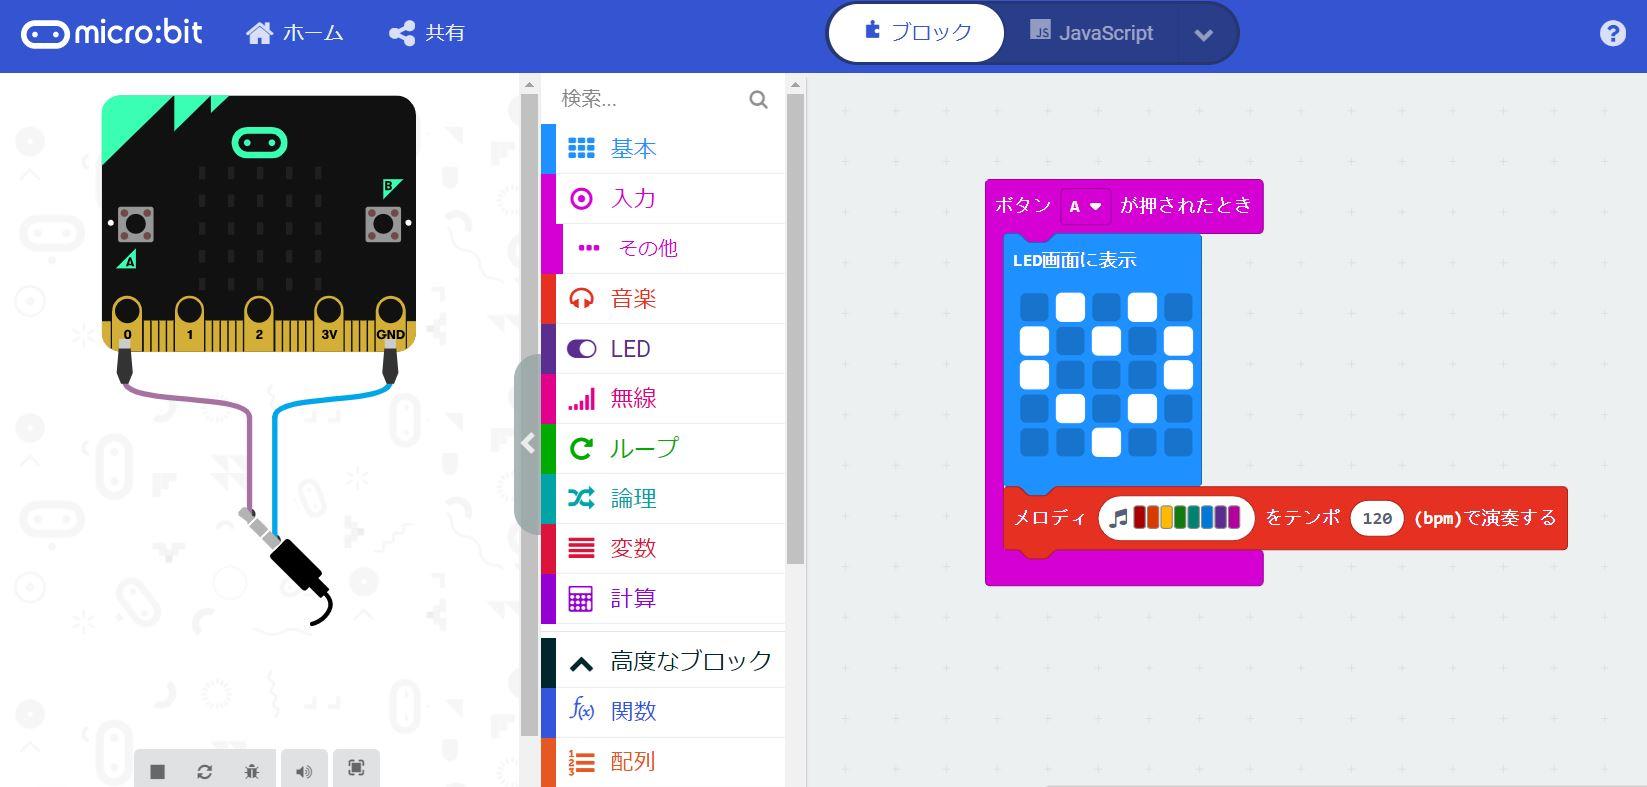 マイクロビットできること(2)